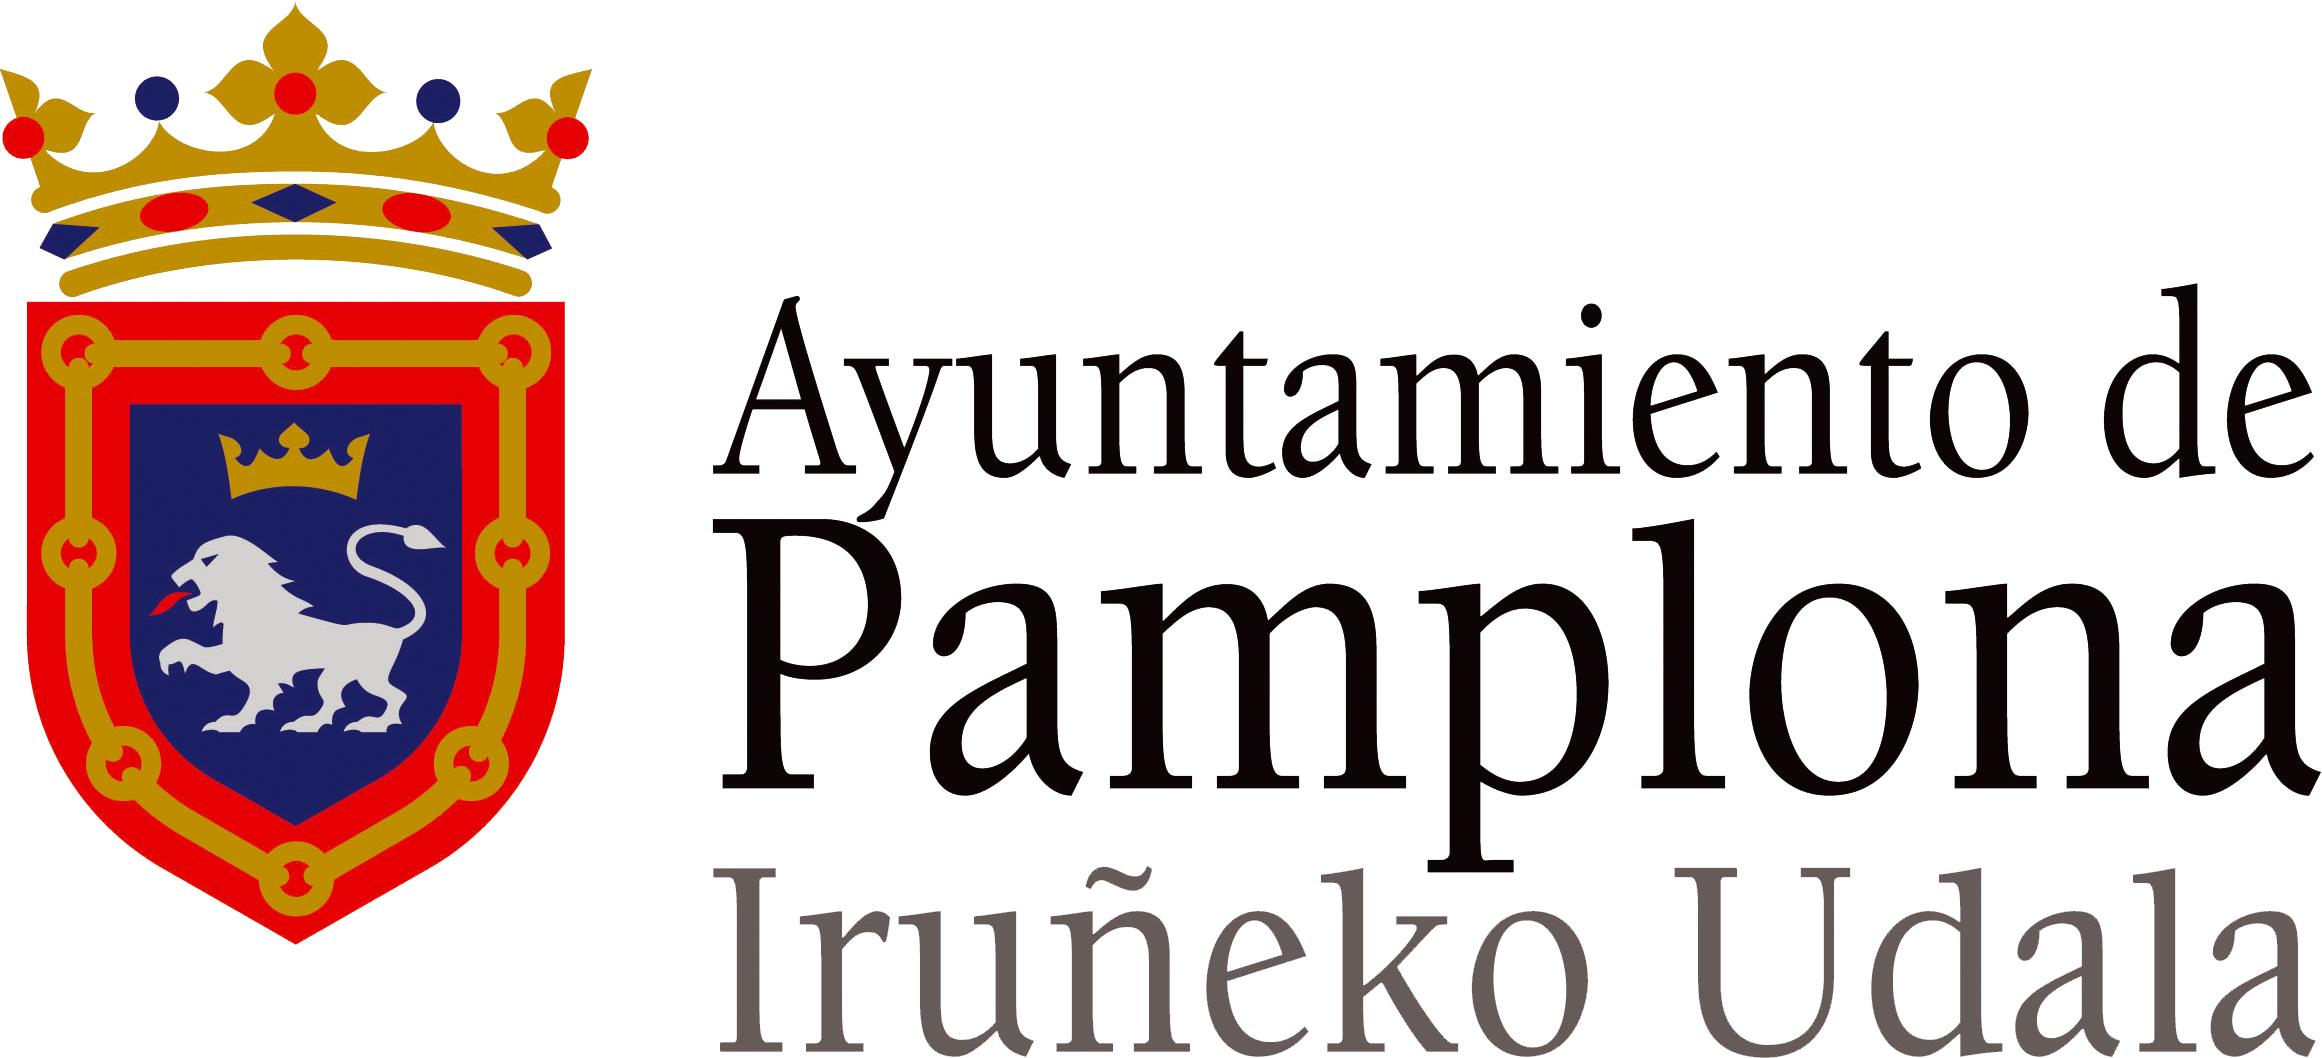 Logotipo Ayuntamiento de Pamplona